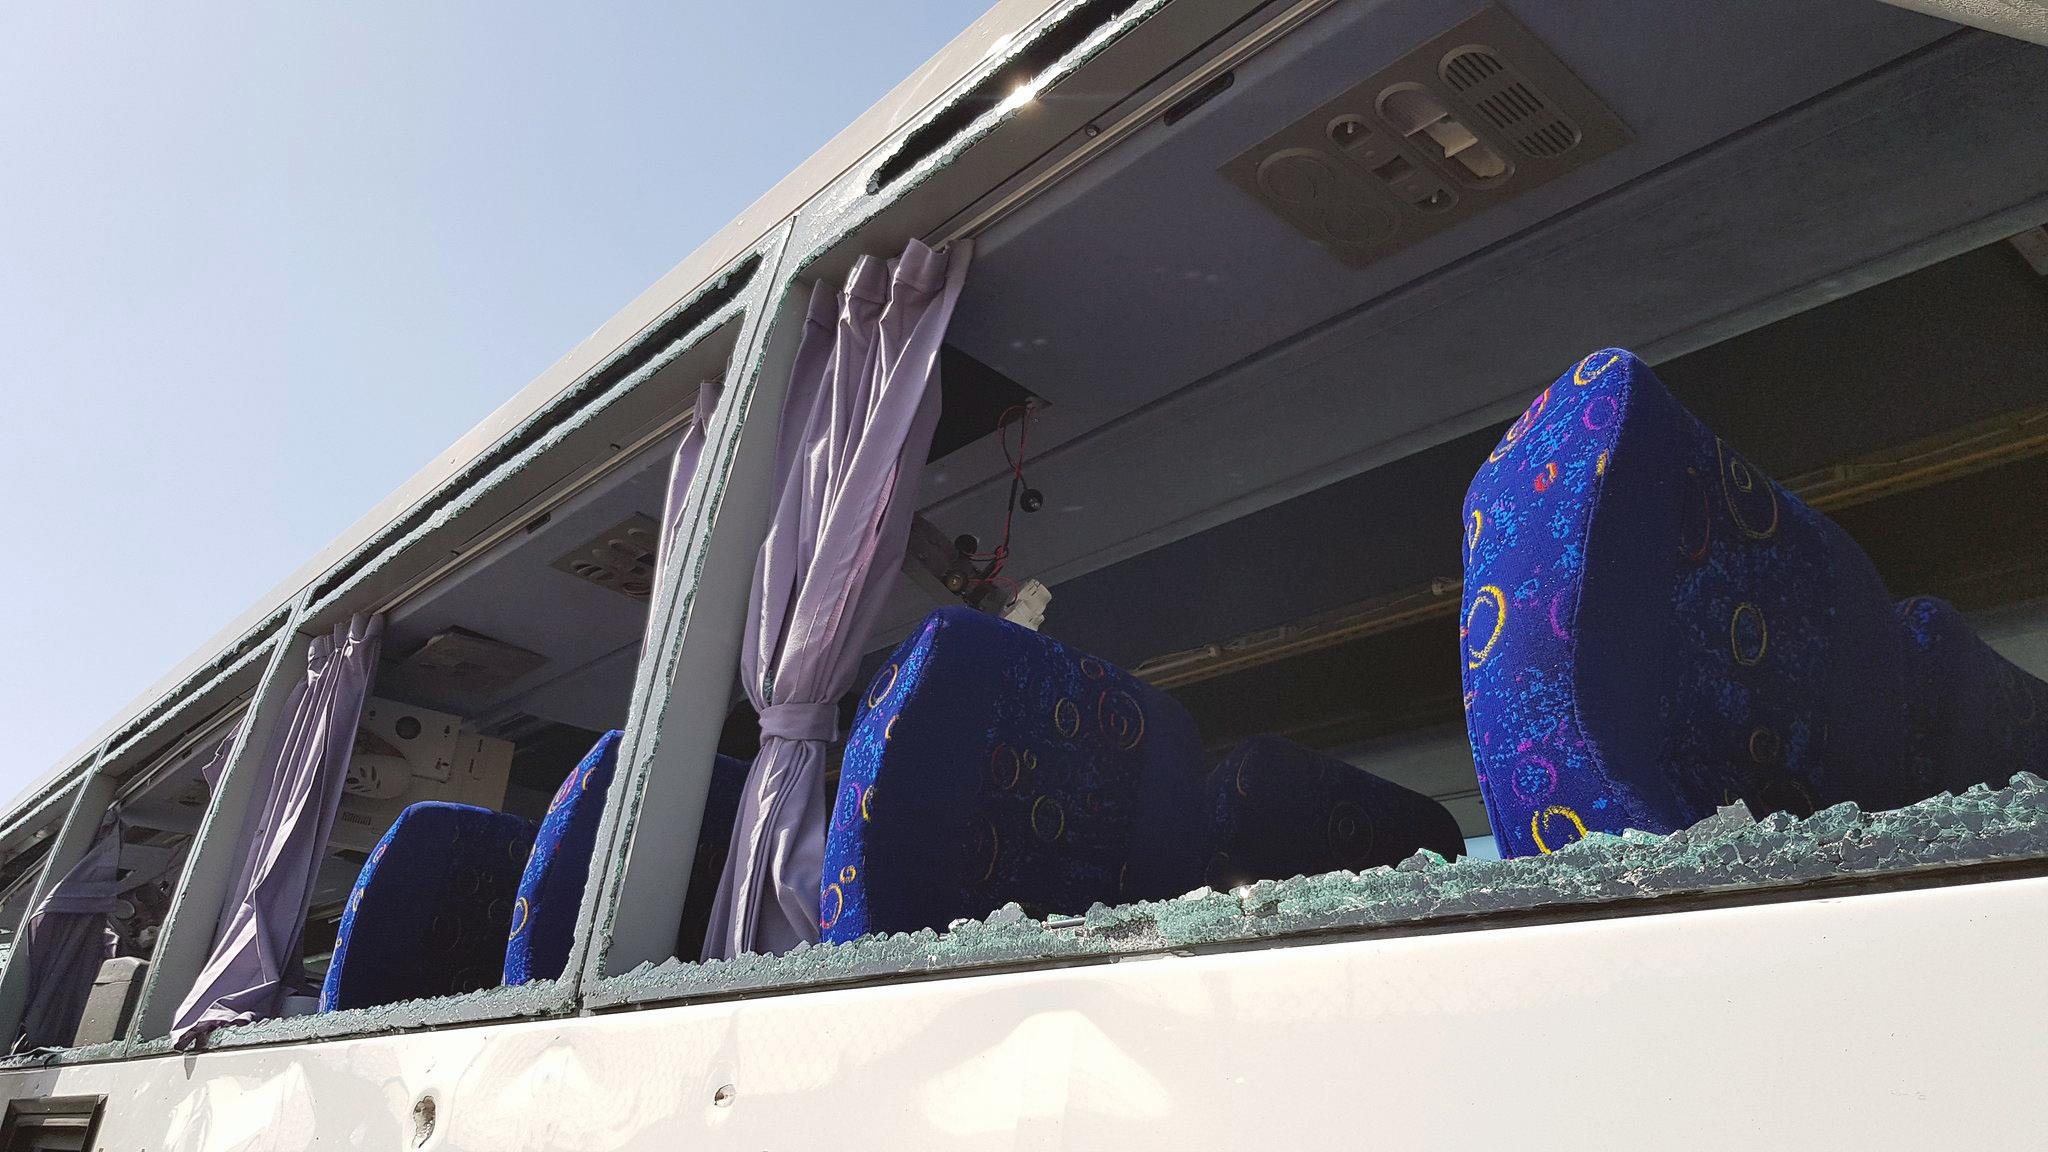 La explosión destruyó los cristales del autobús (Reuters)